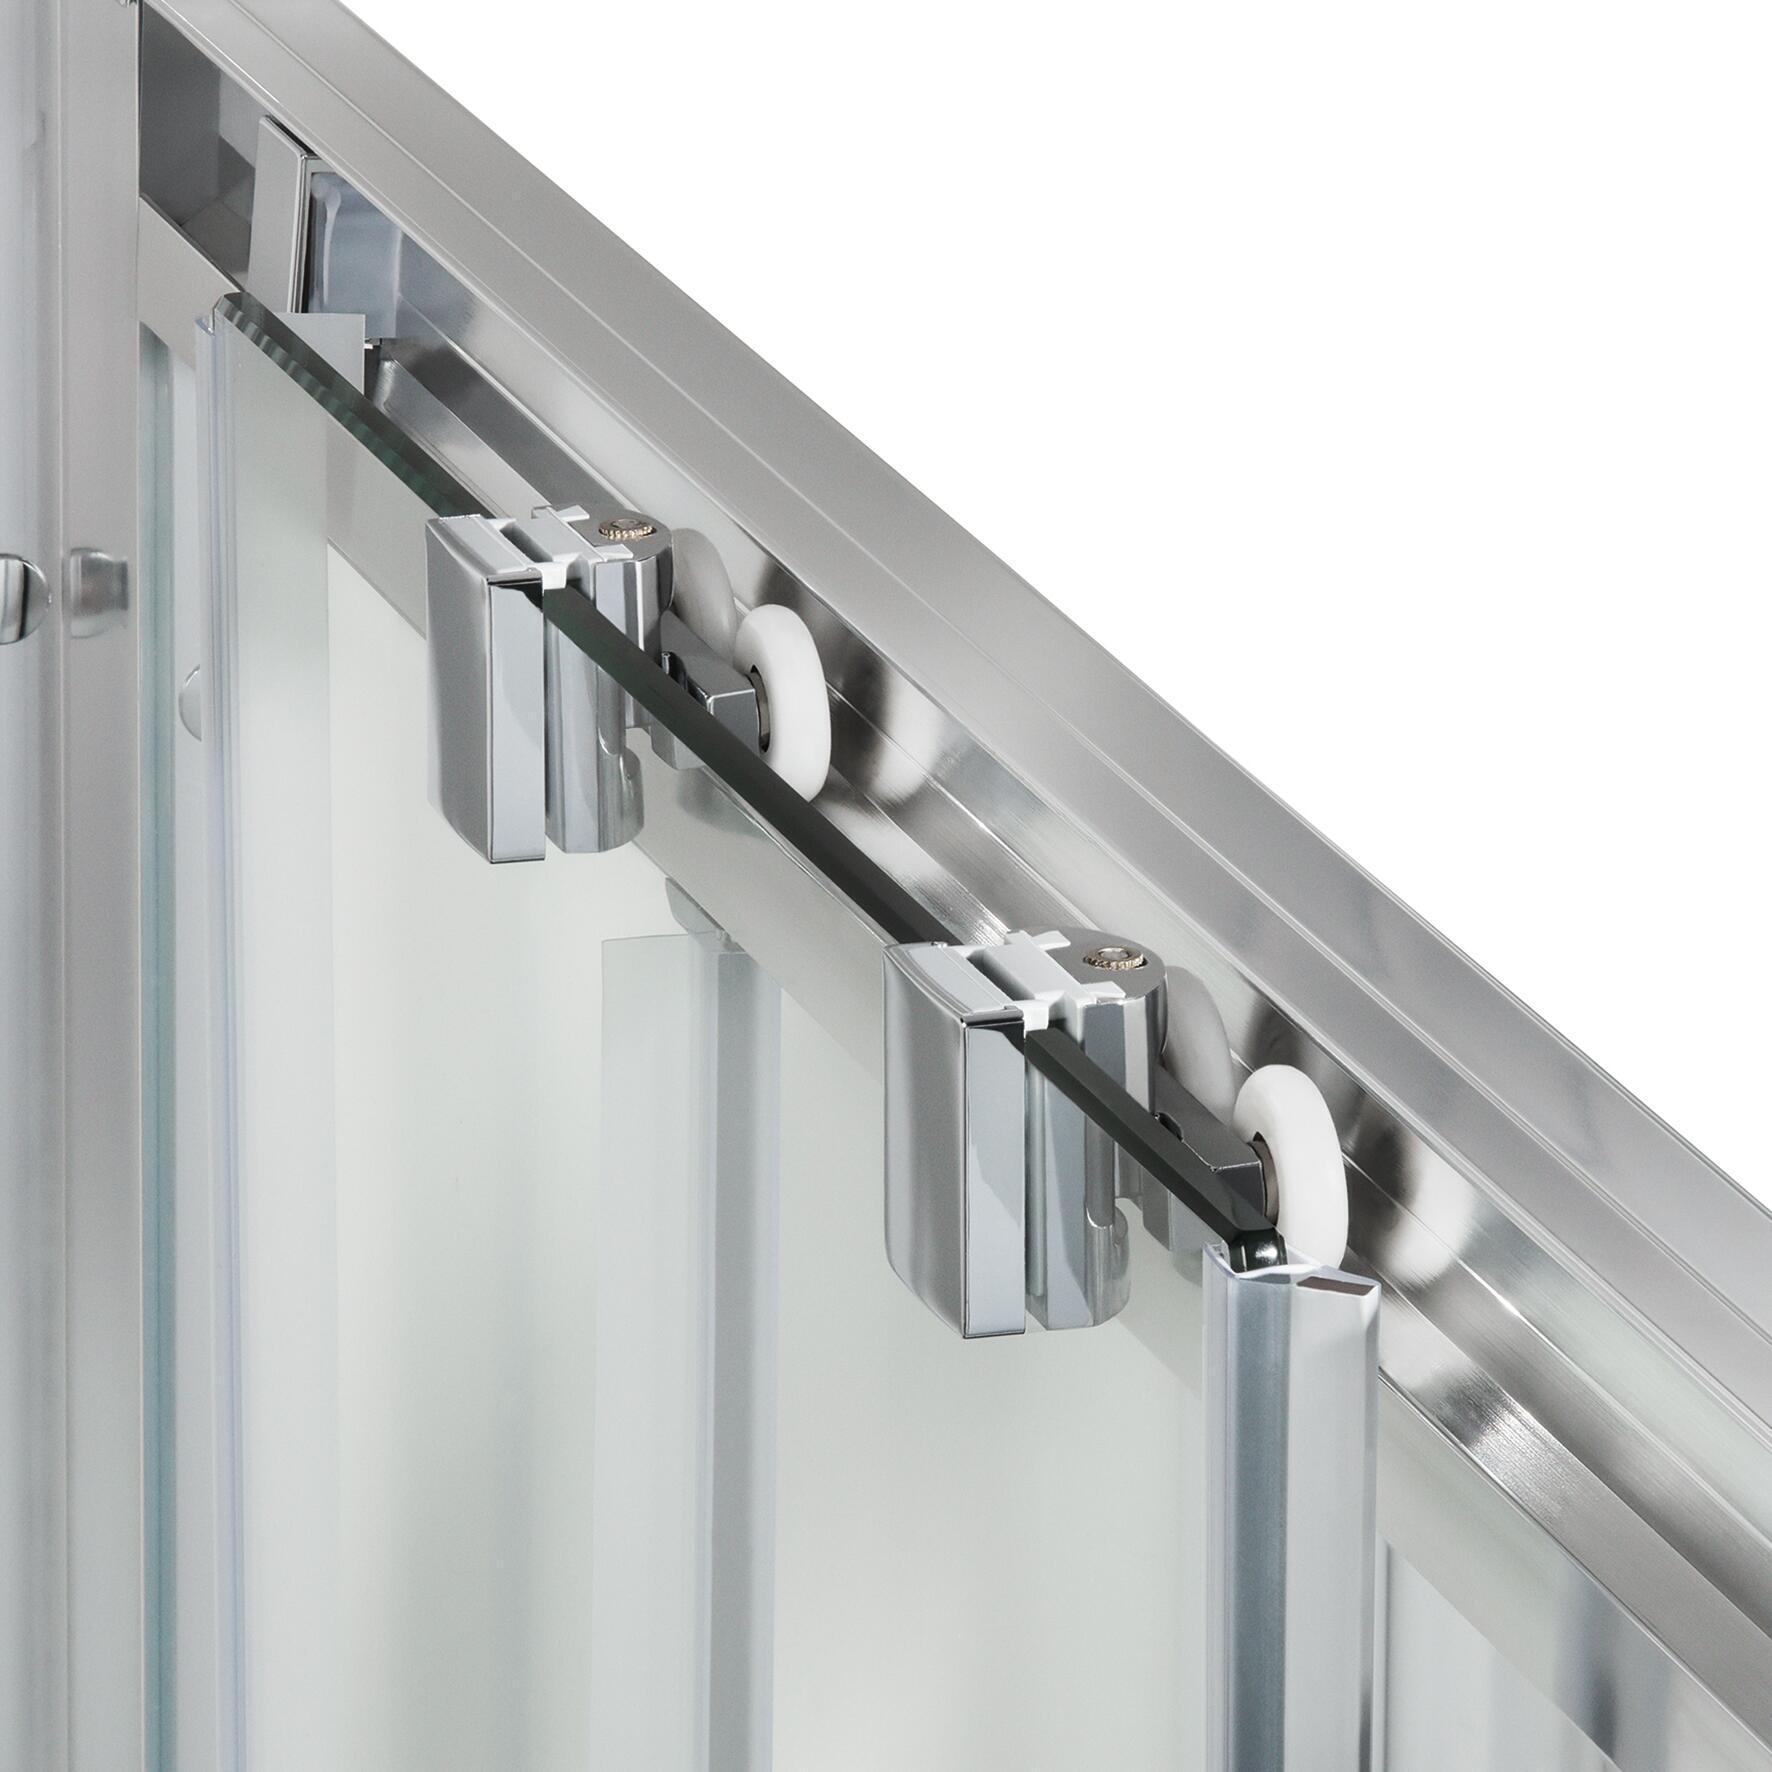 Box doccia rettangolare scorrevole Quad 80 x 100 cm, H 190 cm in vetro temprato, spessore 6 mm serigrafato argento - 6